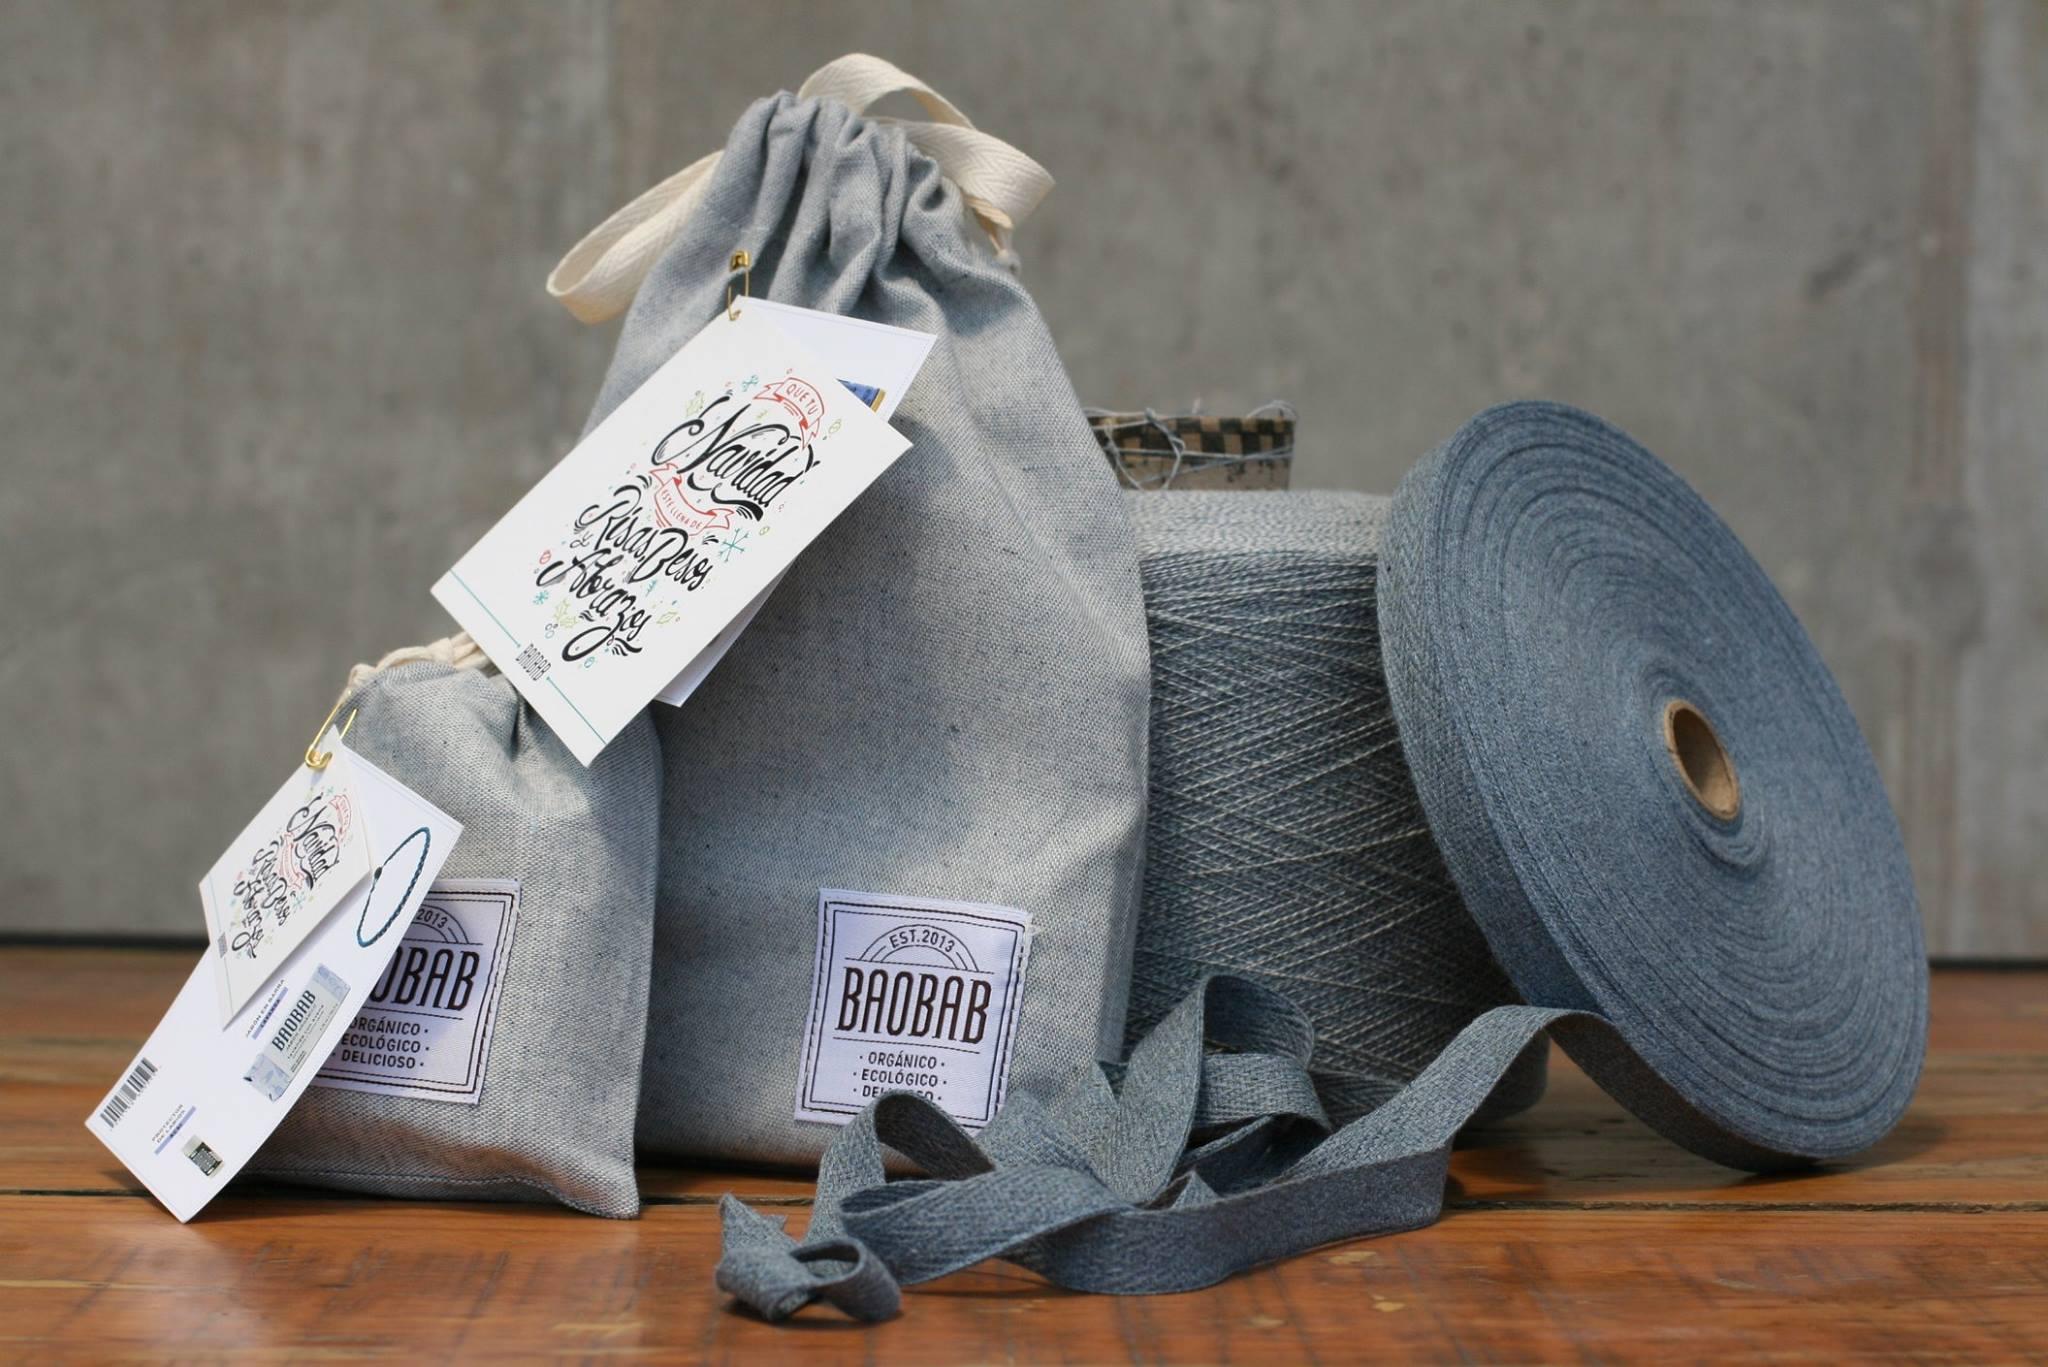 Baobab organic soaps packaging